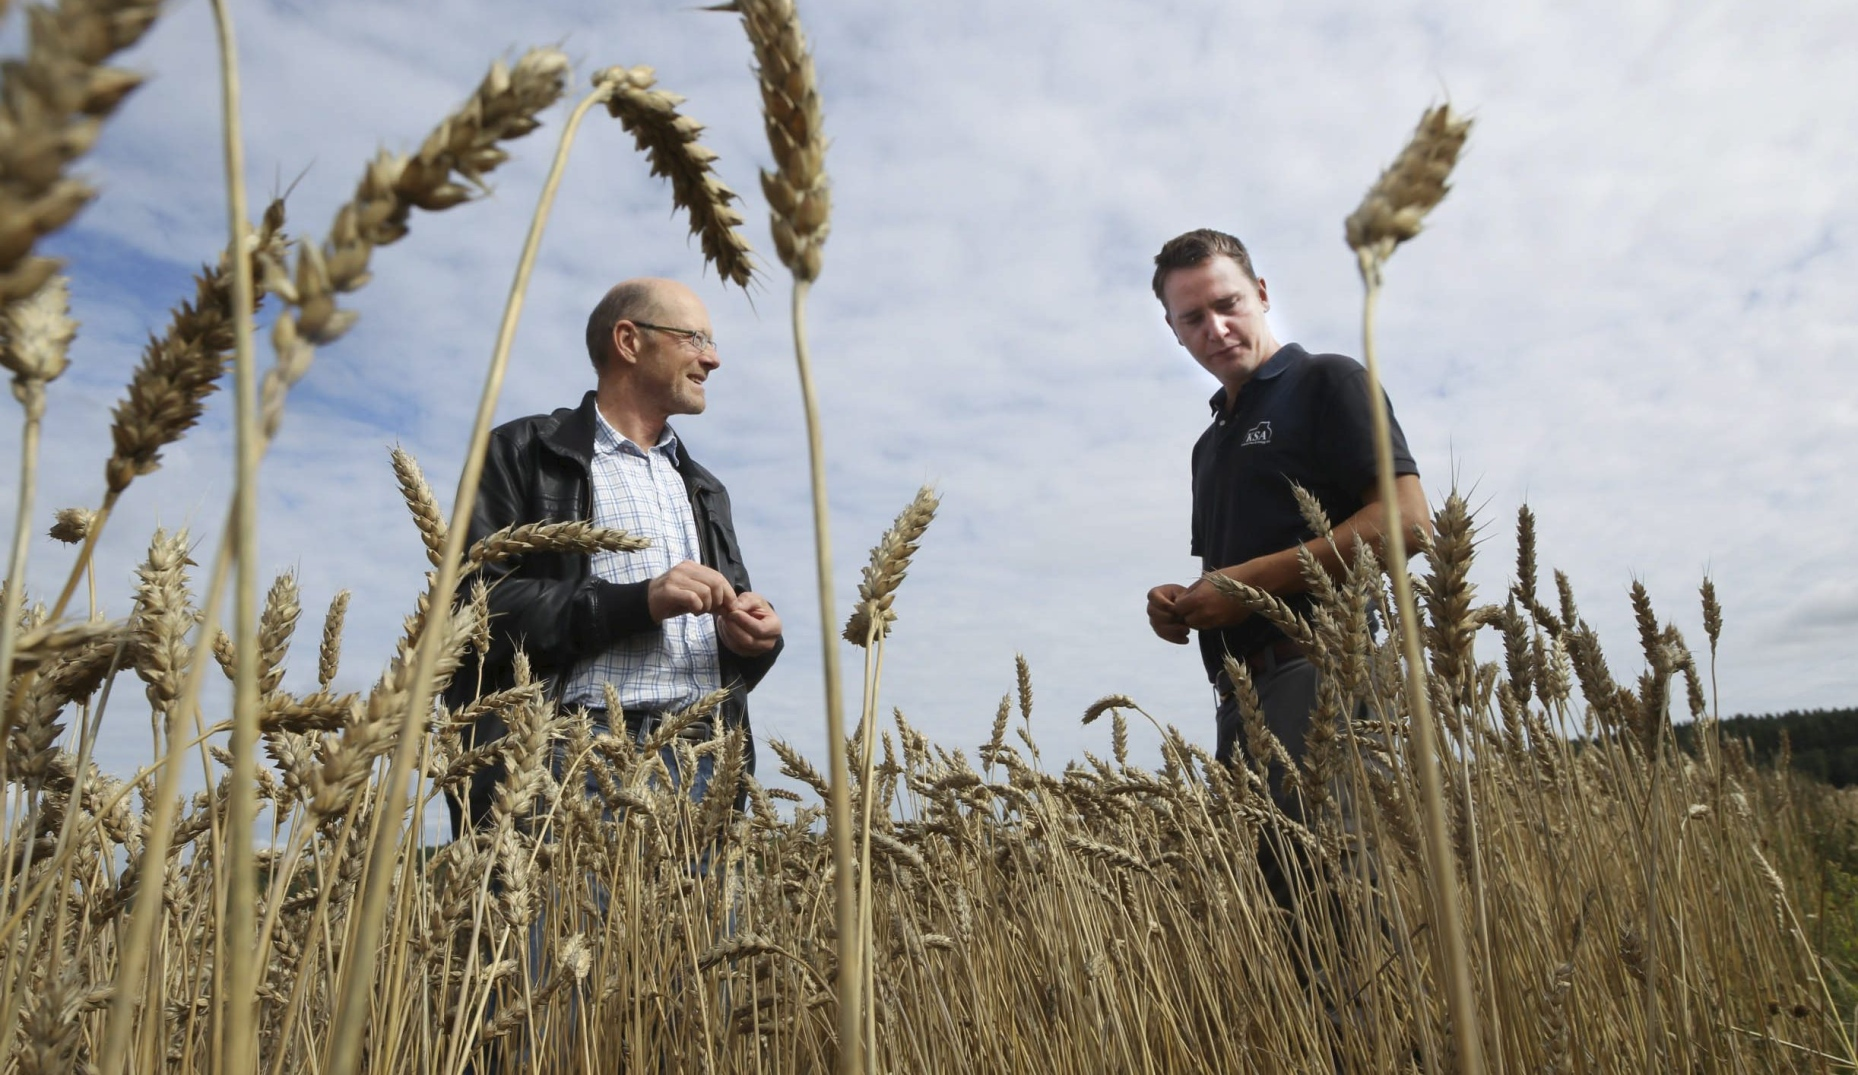 601d1bbf Matjorden i Follo er gull verd, så utbyggingen kan ikke tyte utover. Dette  mener både landbrukssjef Lars Martin Julseth og bonde Kristian Prestrud.